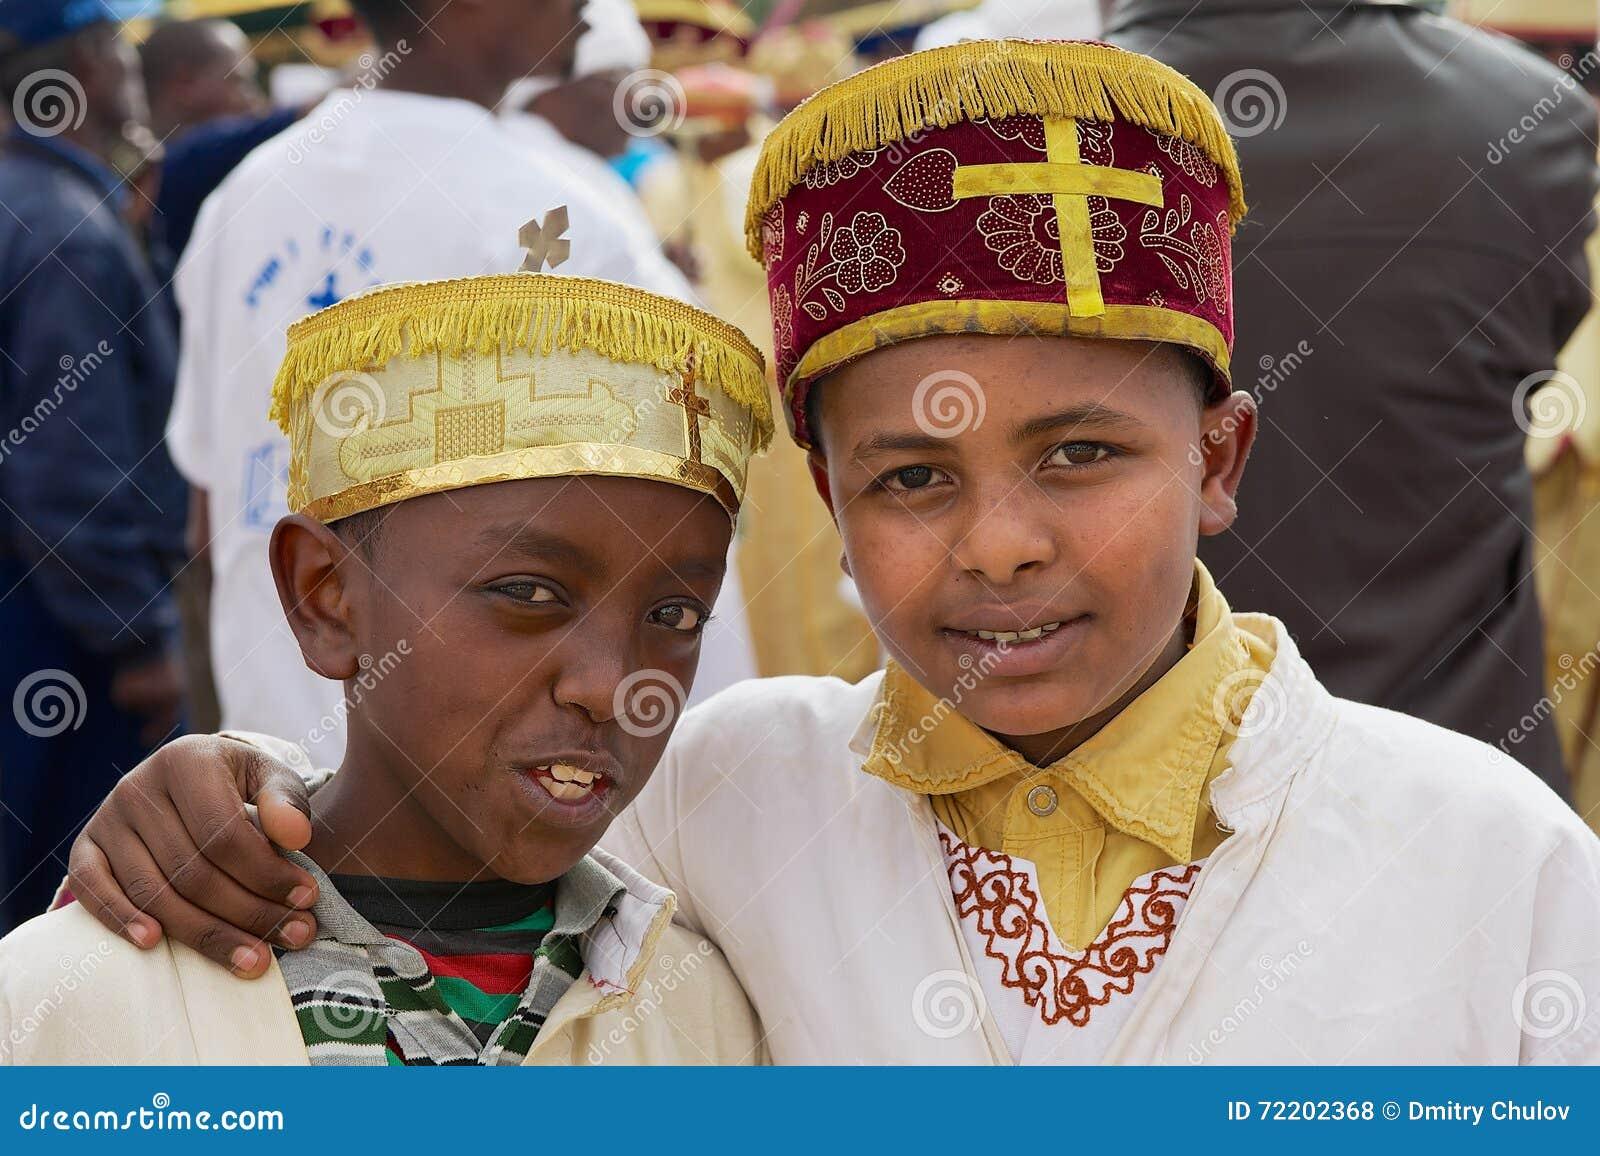 Porträt von zwei äthiopischen Jungen, die traditionelle Kostüme während religiöser Feiern Timkat Christian Orthodox I tragen